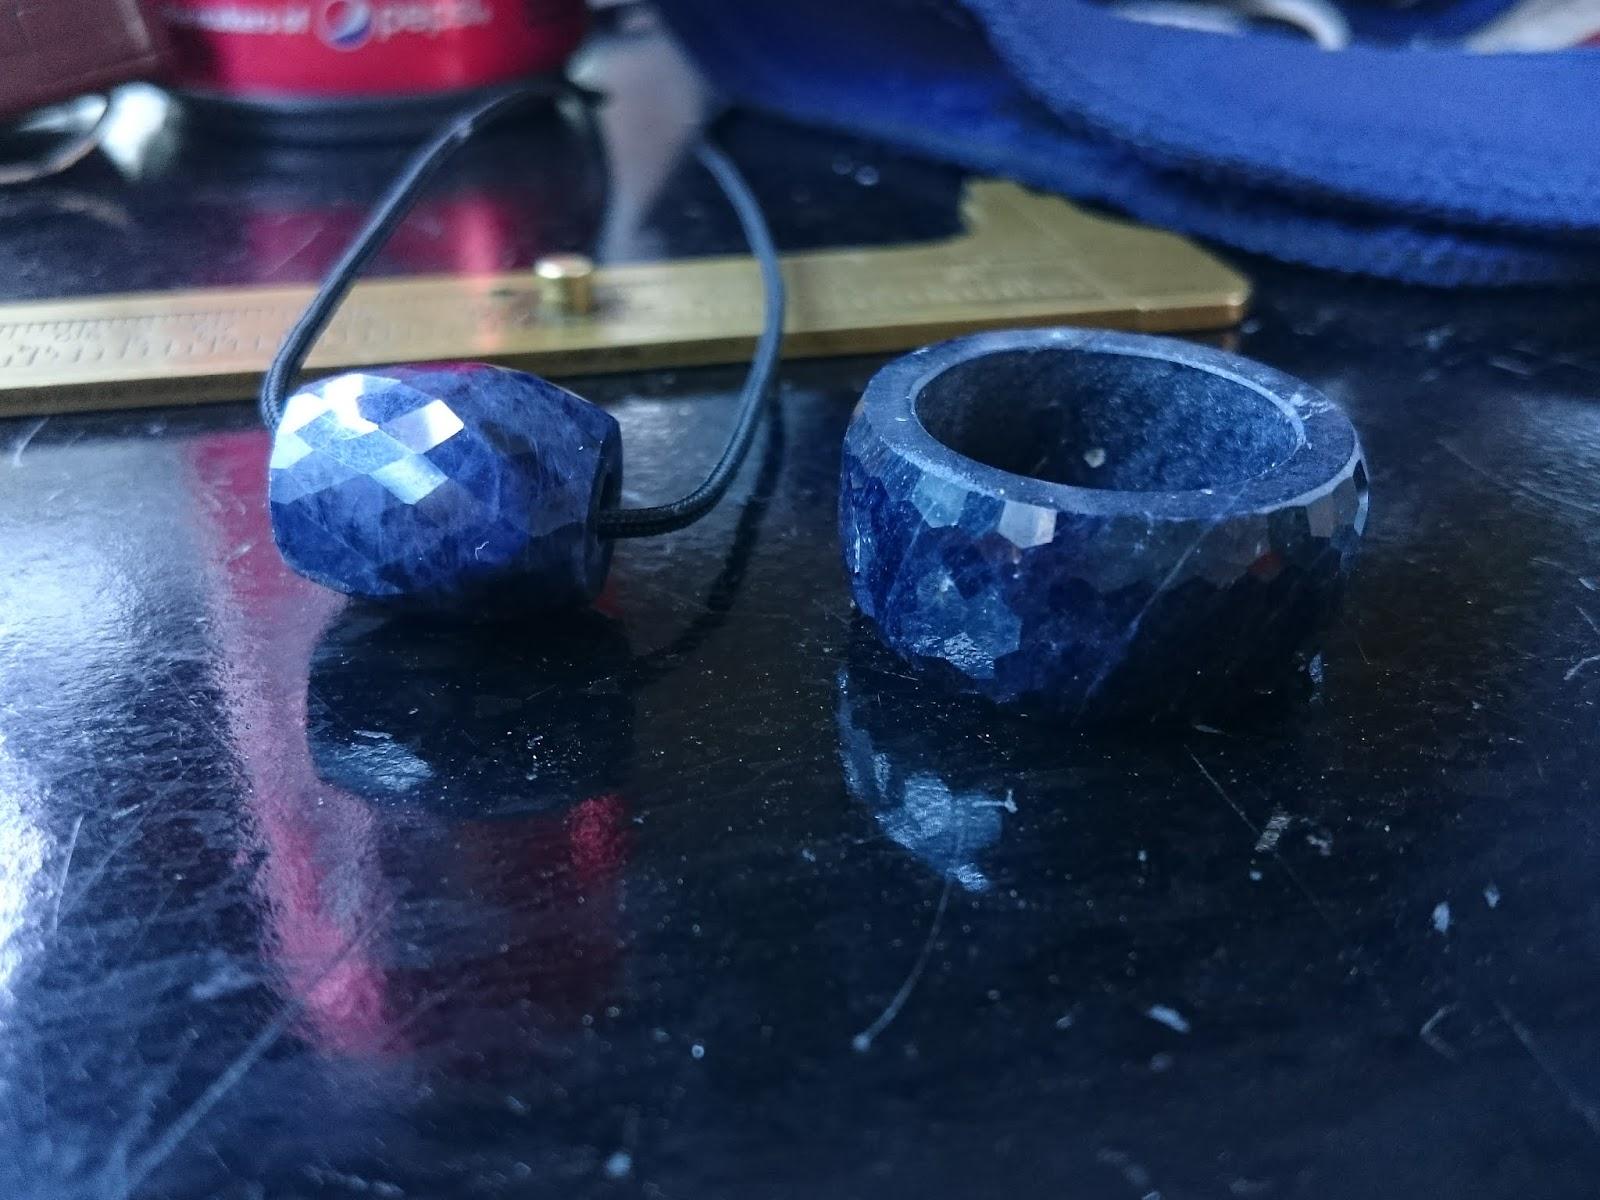 Nhẫn Càn Long, Lu Thống đá quý Sapphire nguyên khối